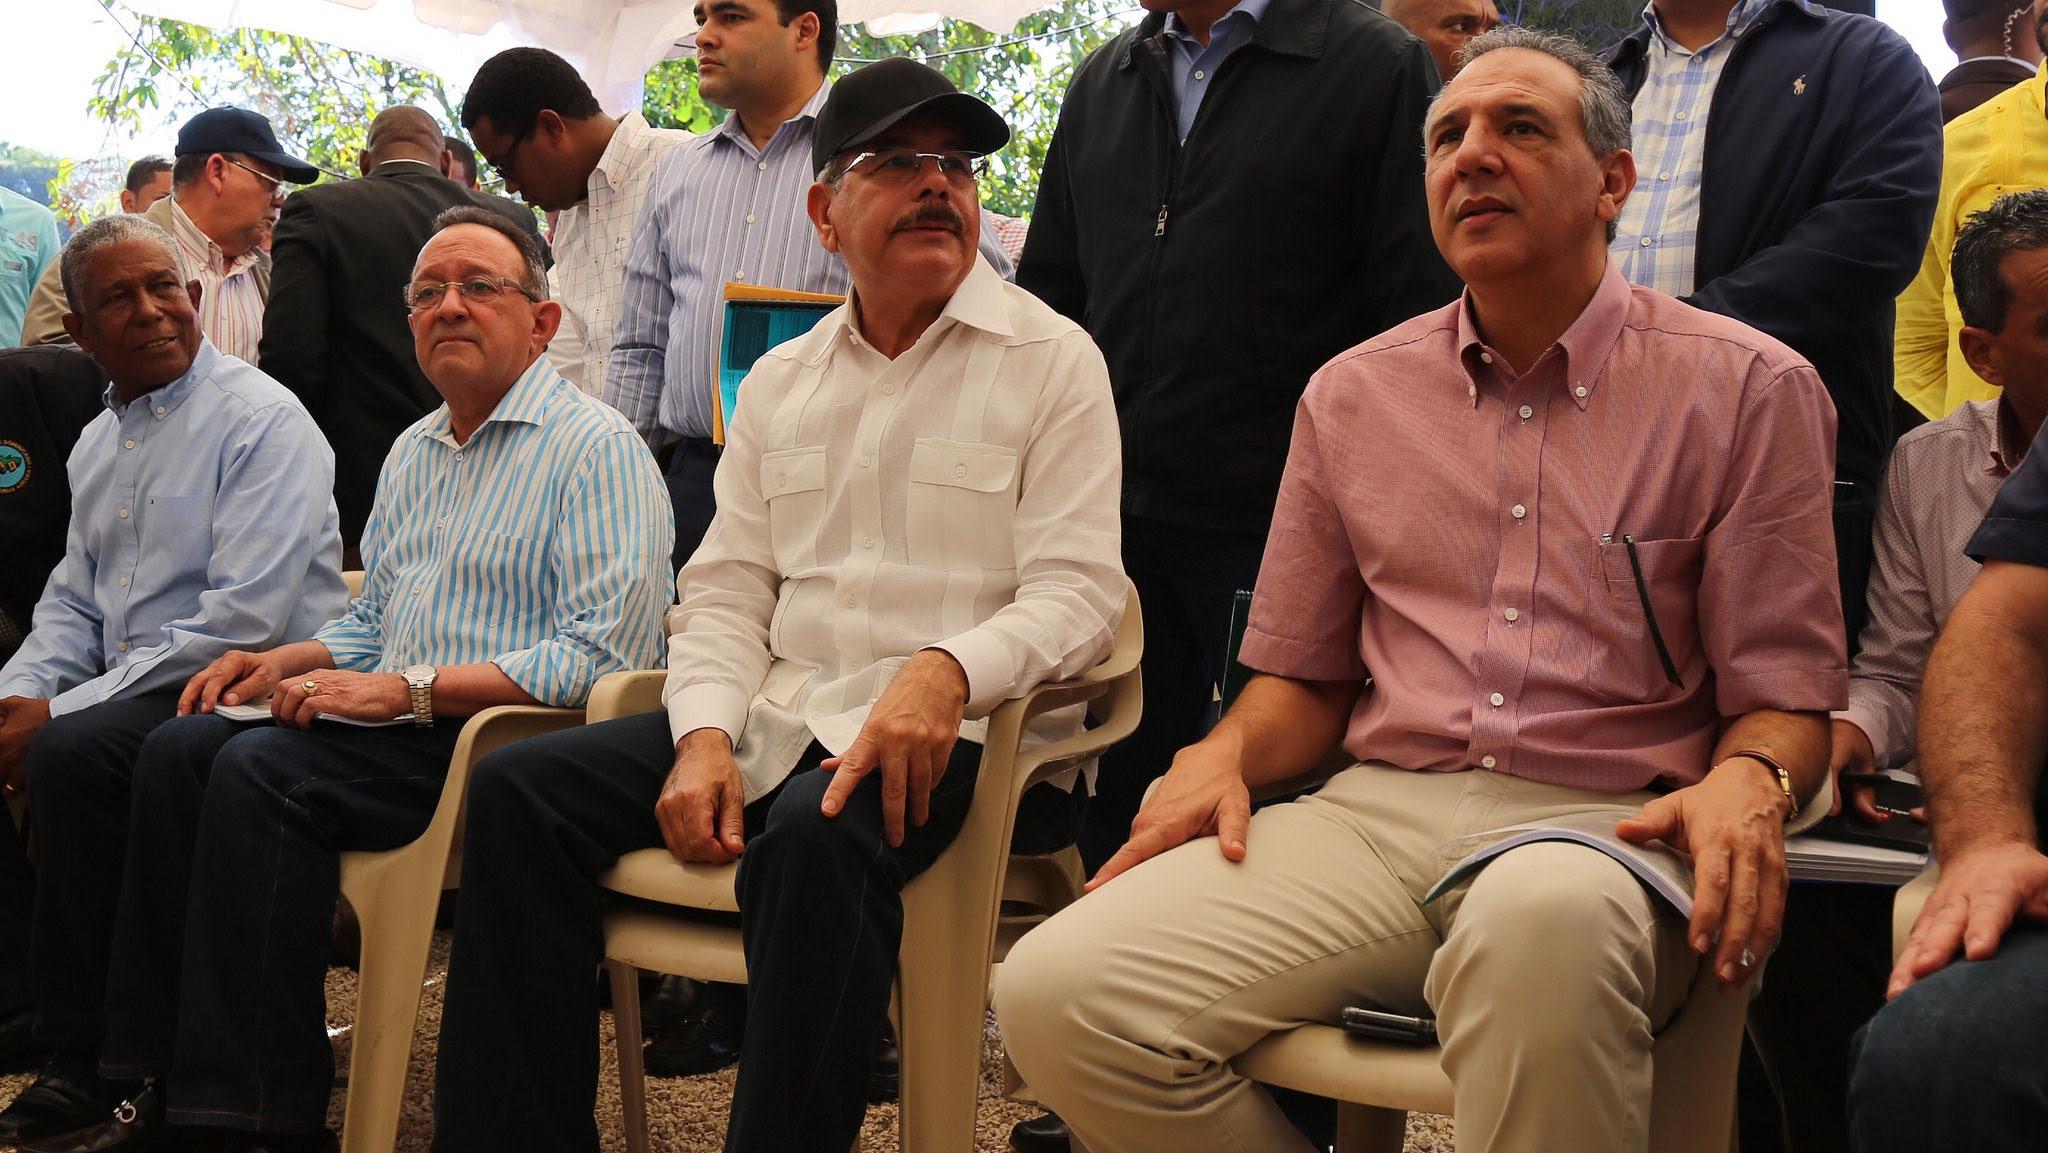 """, Danilo: """"No vamos a permitir la tala de árboles"""". Un nuevo comienzo para Bahoruco"""